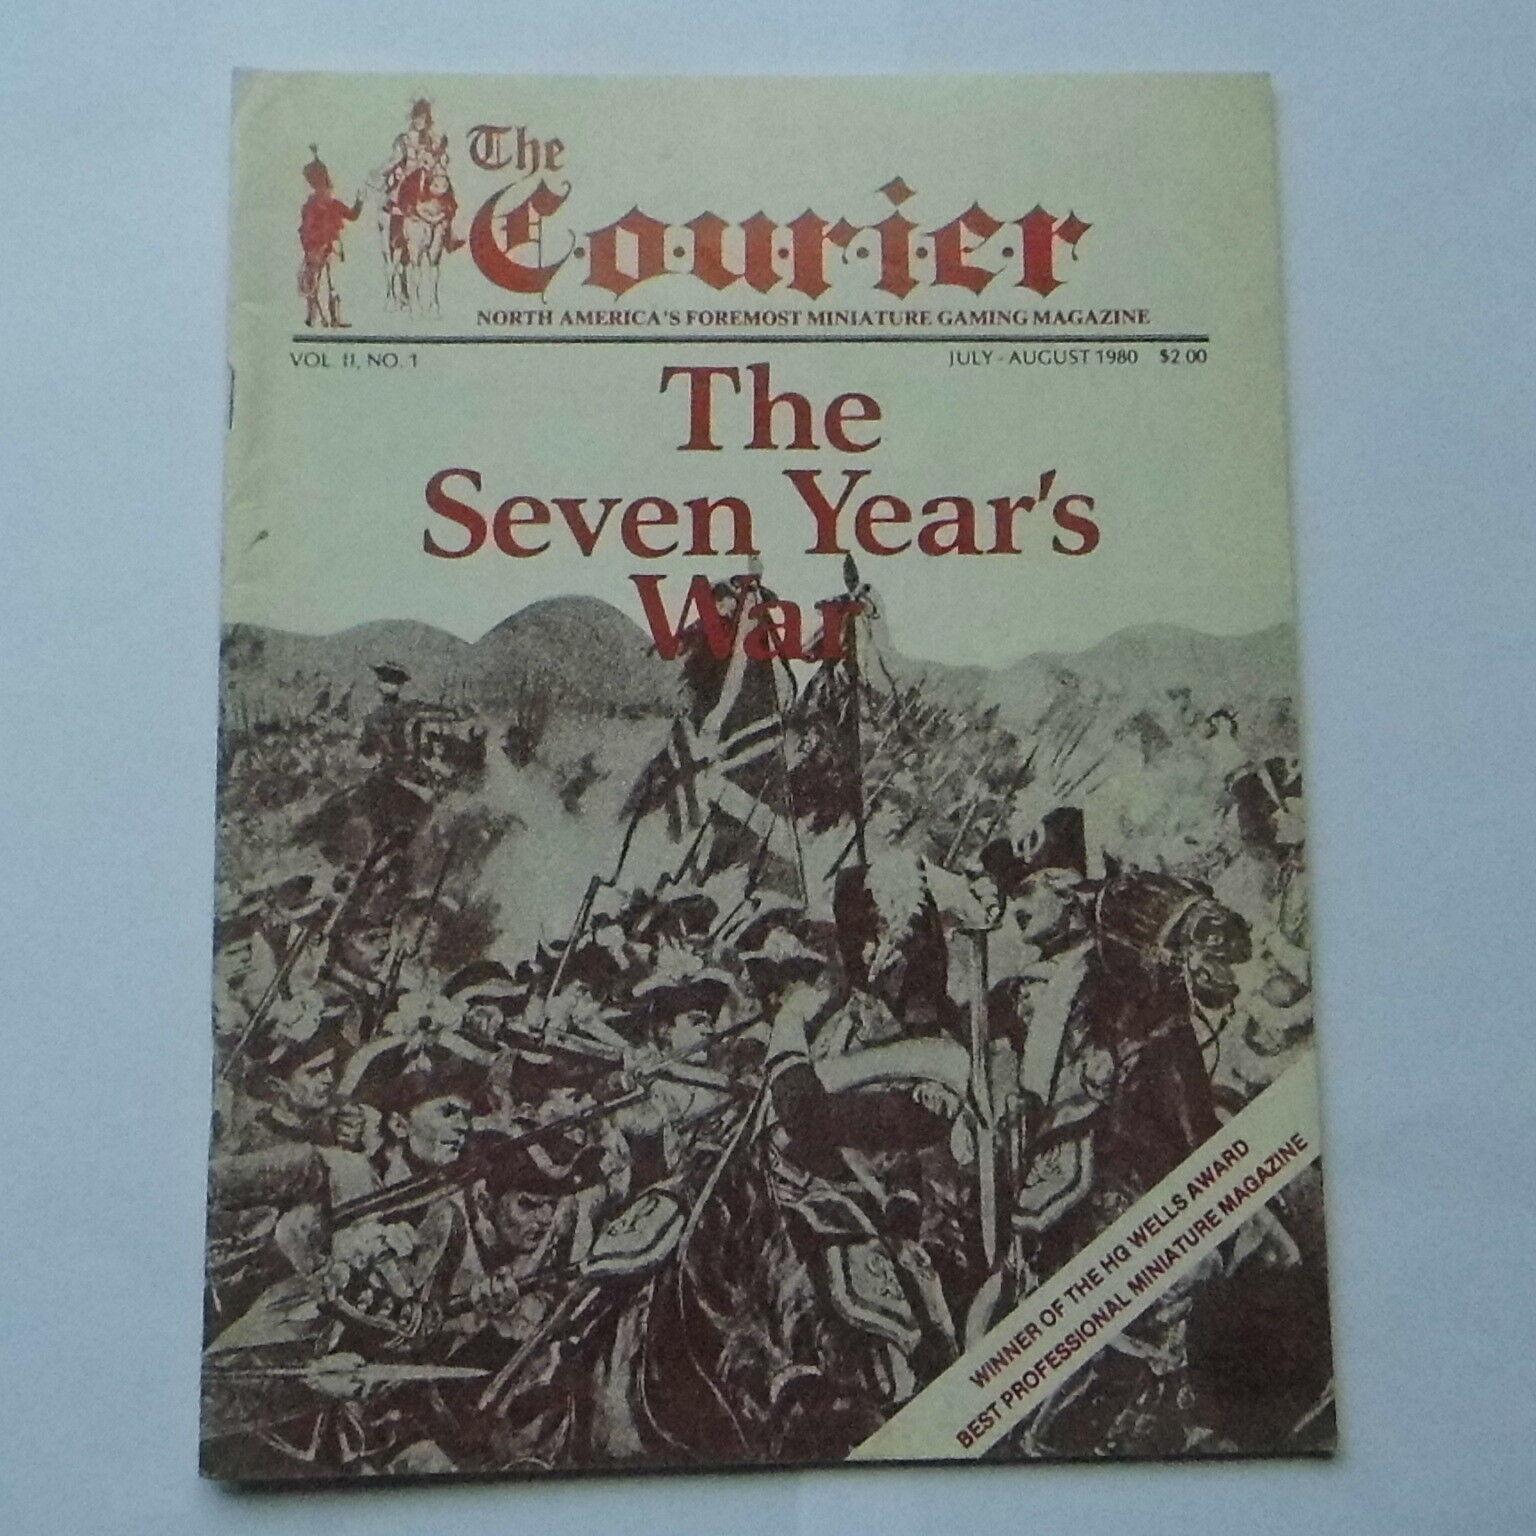 The Courier Magazine - Vol.ii Numéro 1 - Sept Ans War - Jeu de Guerre Magazine